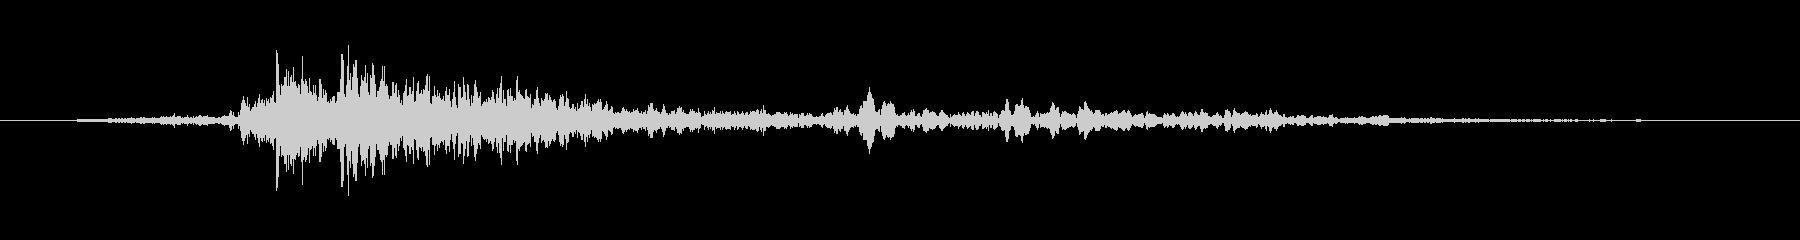 サンダーストライクシングルの未再生の波形